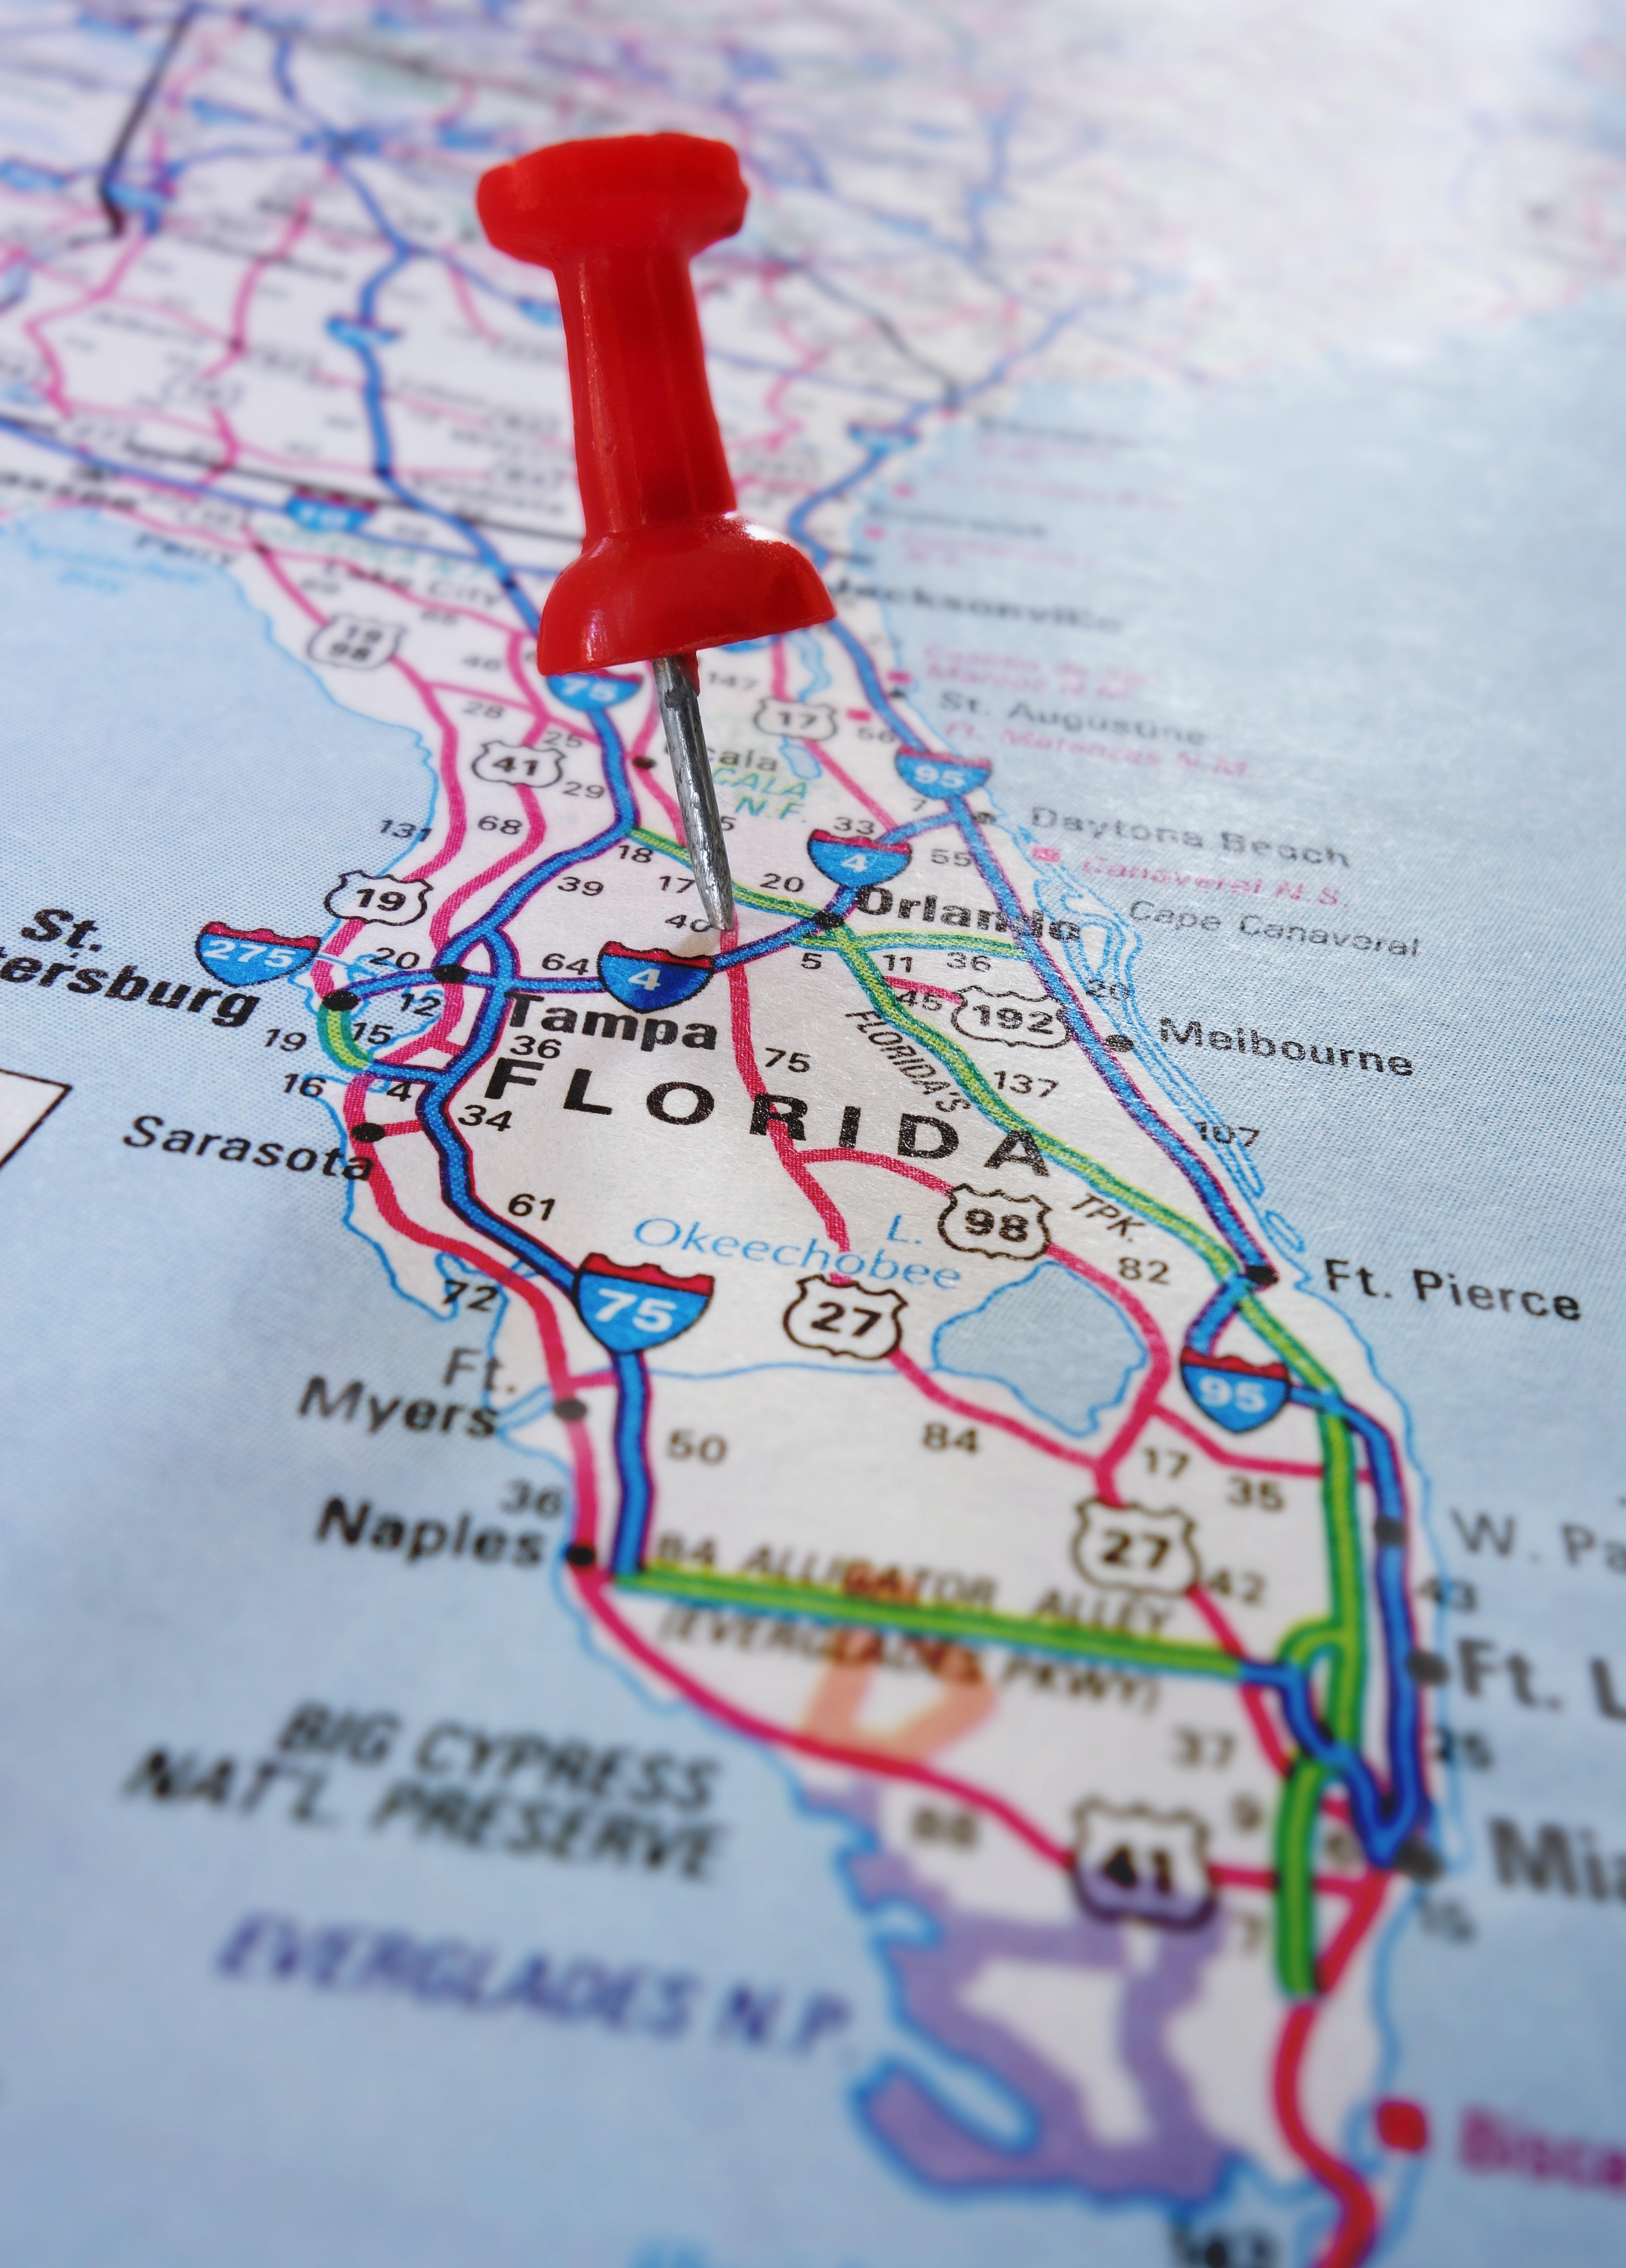 The Florida High Tech Corridor - Growing High Tech Industry & Innovation - Florida High Tech Corridor Map